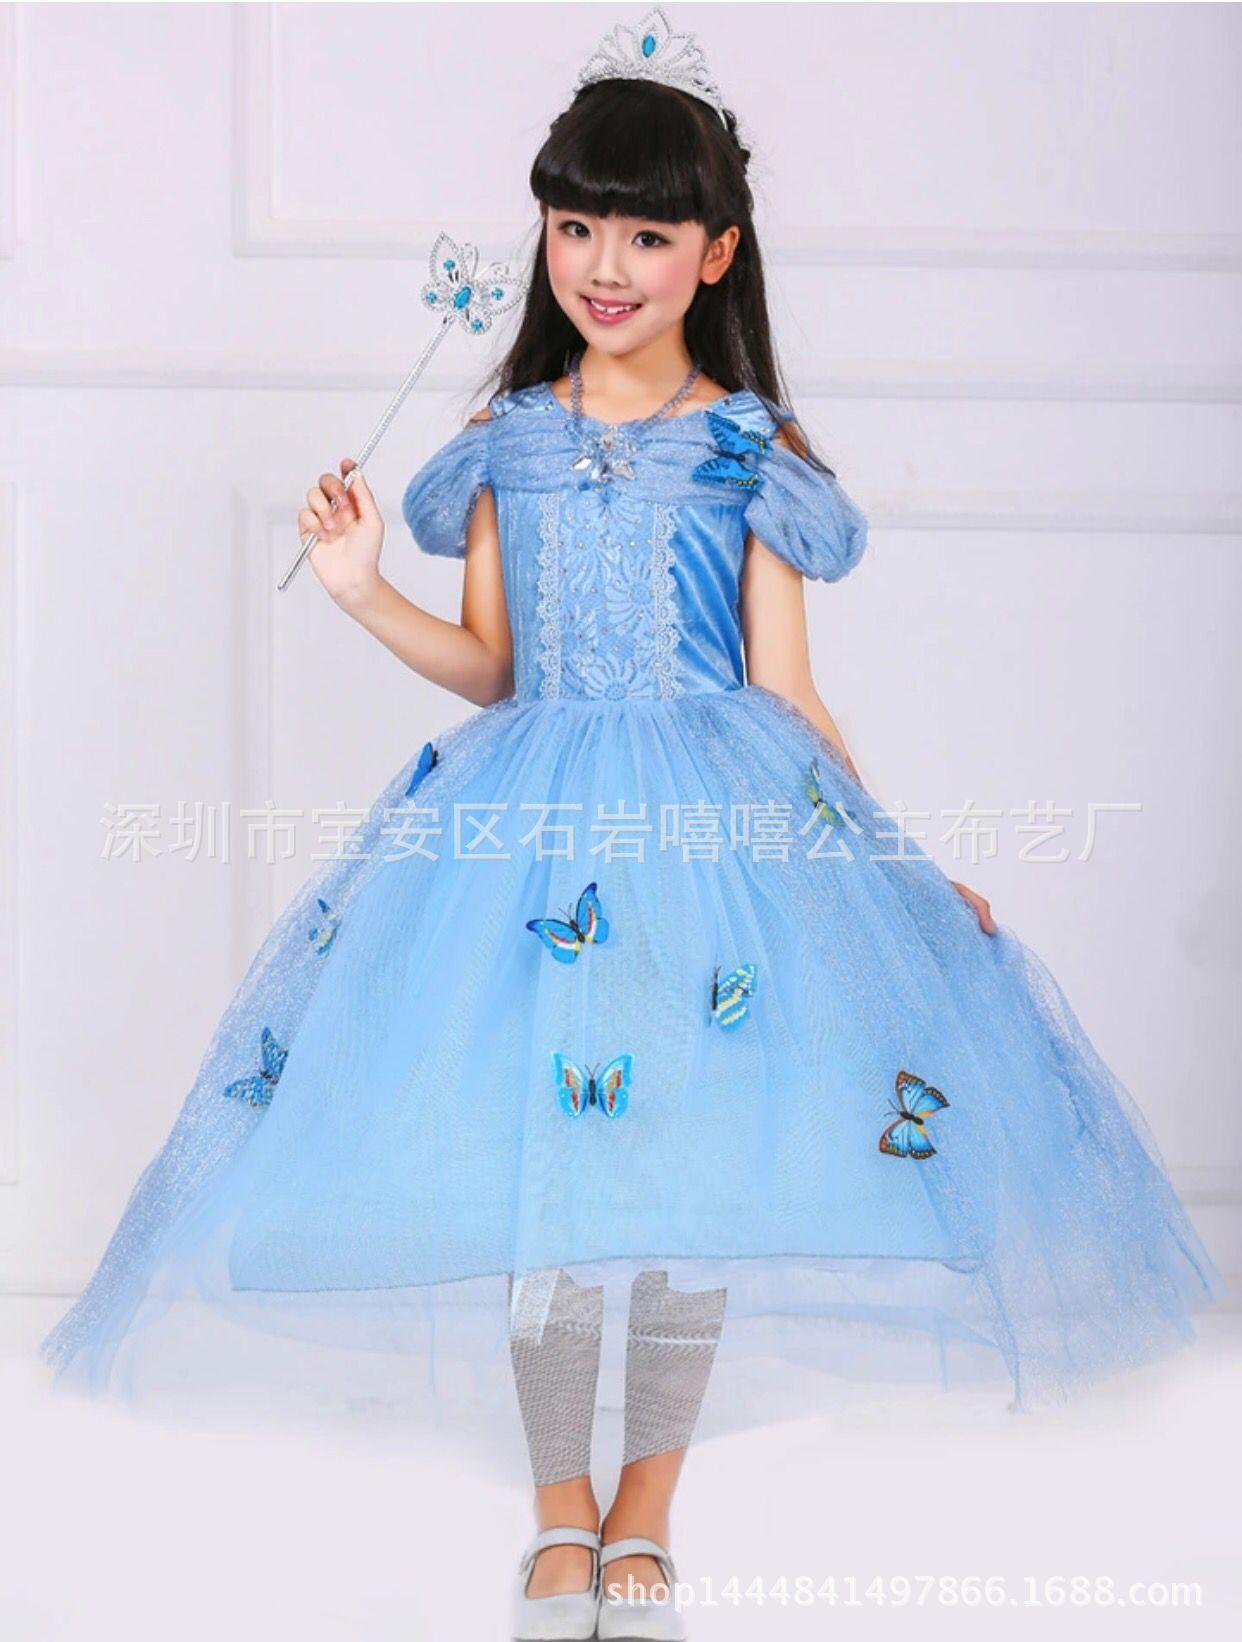 外贸品质圣诞节儿童表演服童装裙子天蓝色